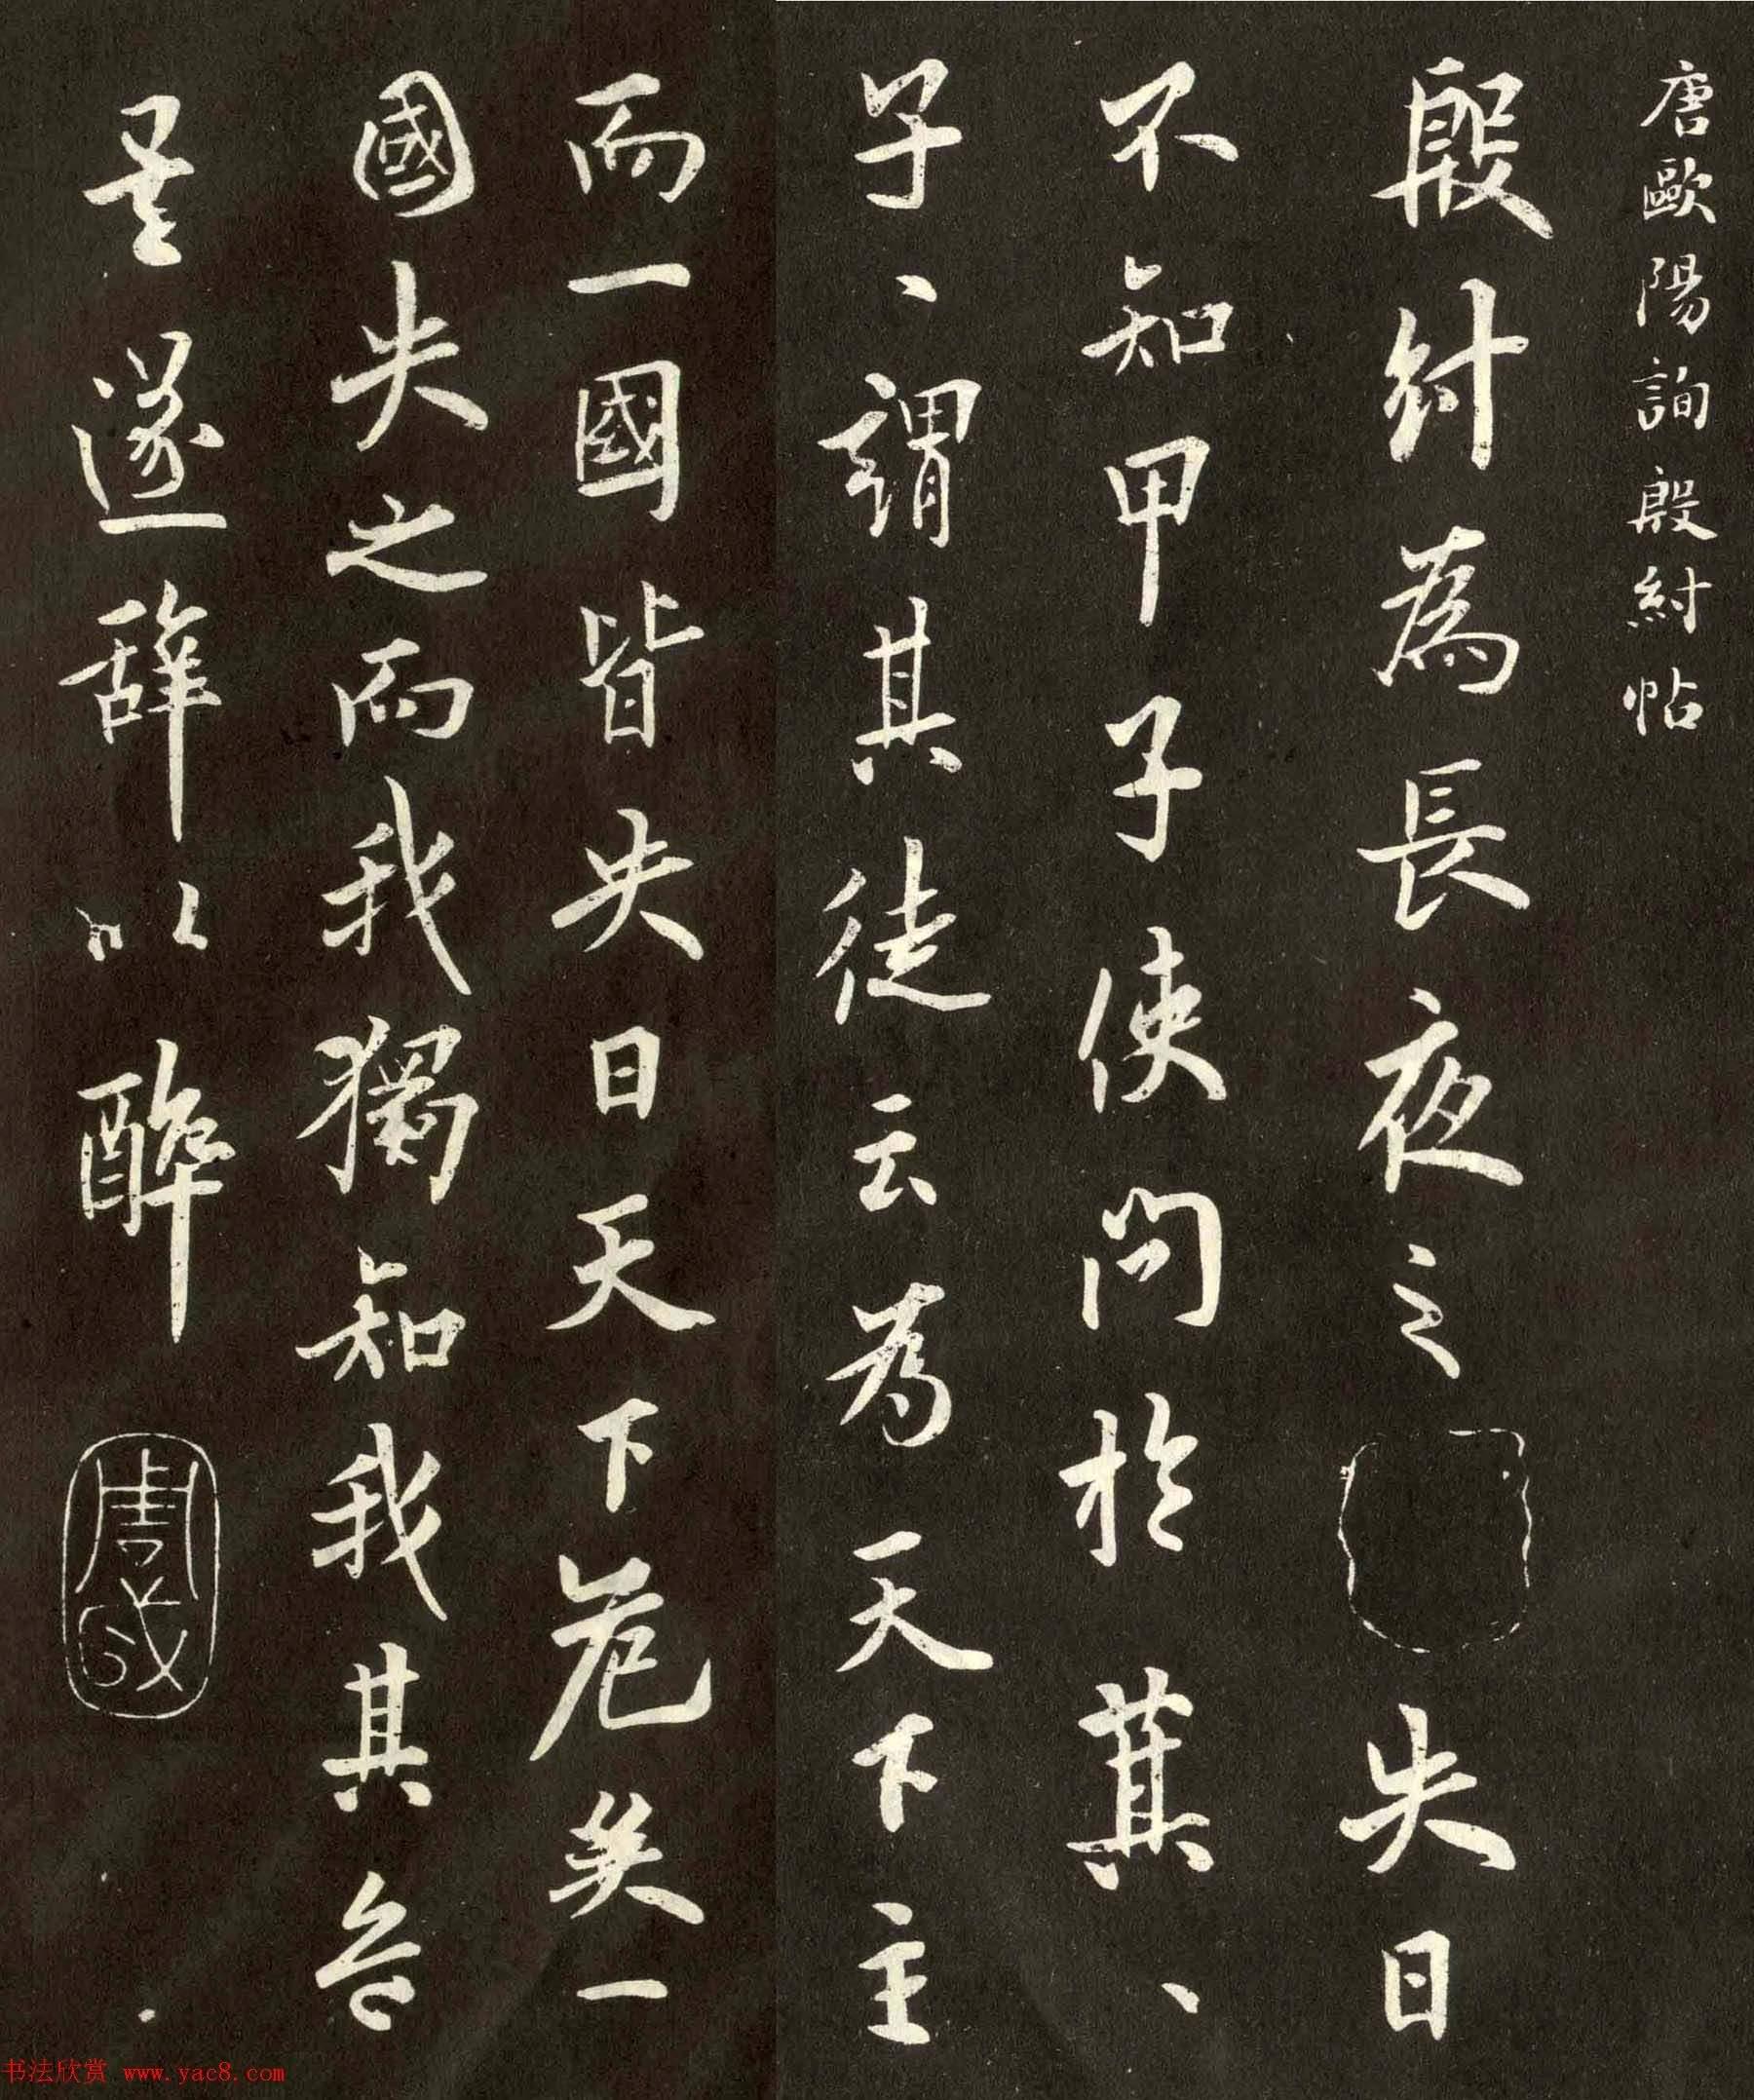 唐代歐陽詢行書真跡欣賞《殷紂帖》(共2張圖片)